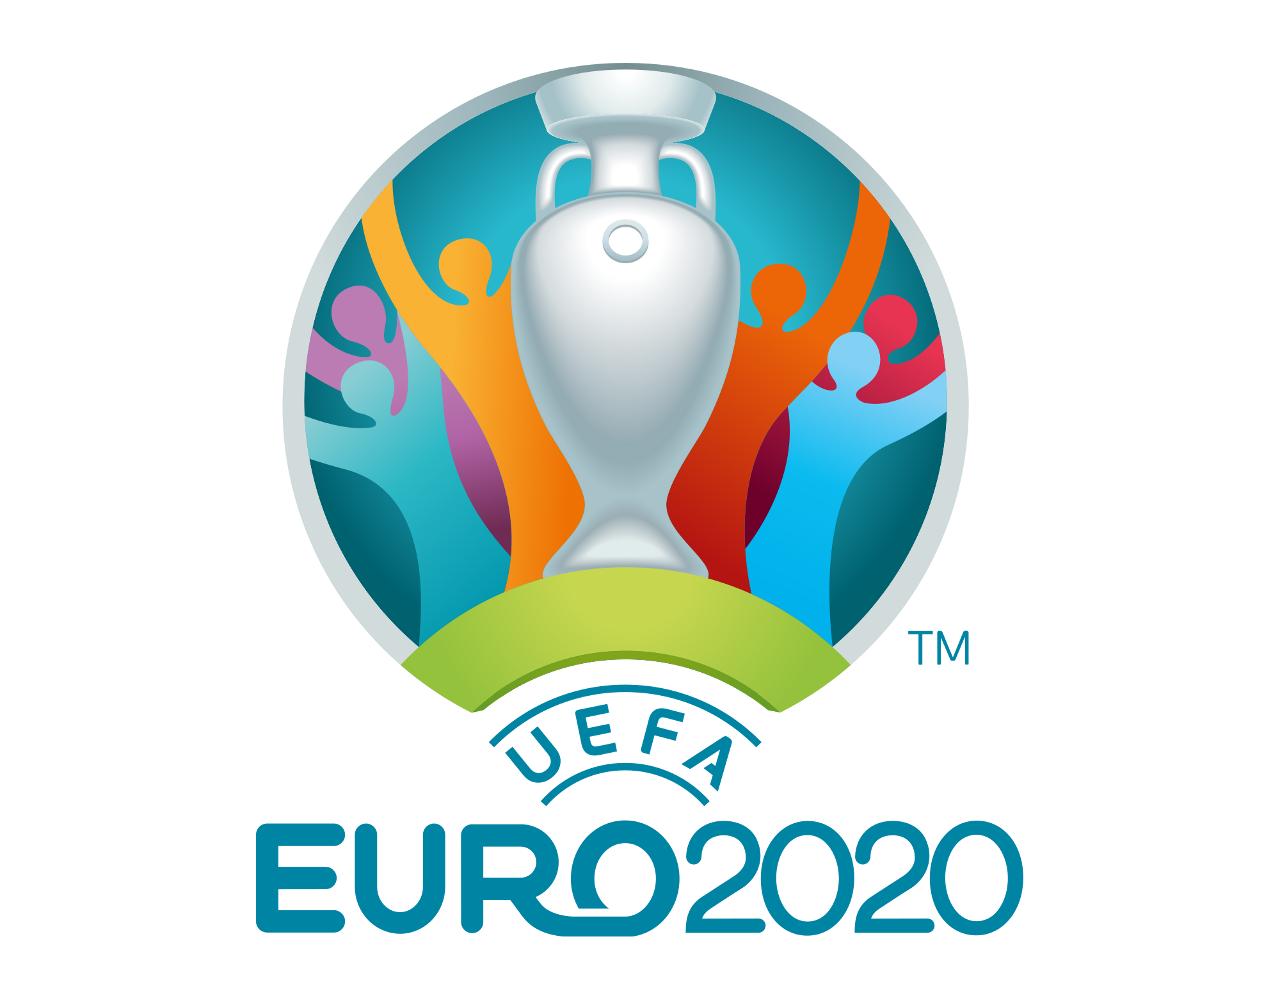 Bundesliga en la Euro, jornada 18